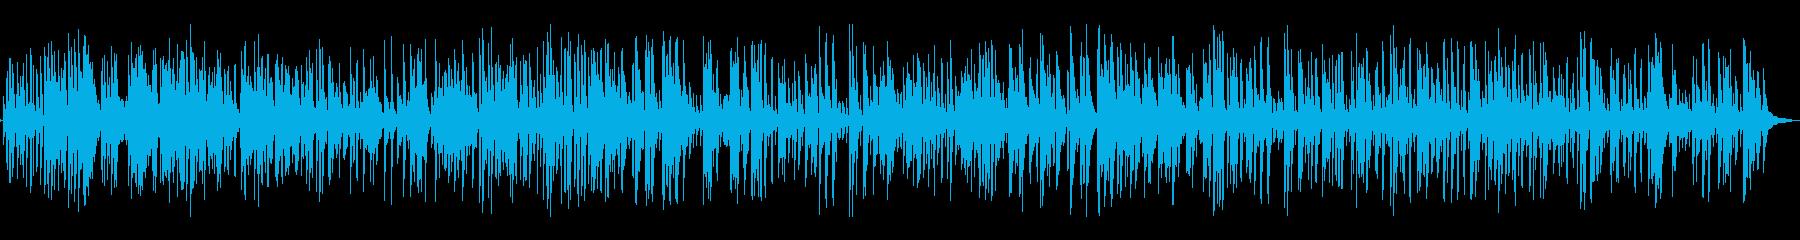 明るくておしゃれカフェ風のジャズピアノの再生済みの波形